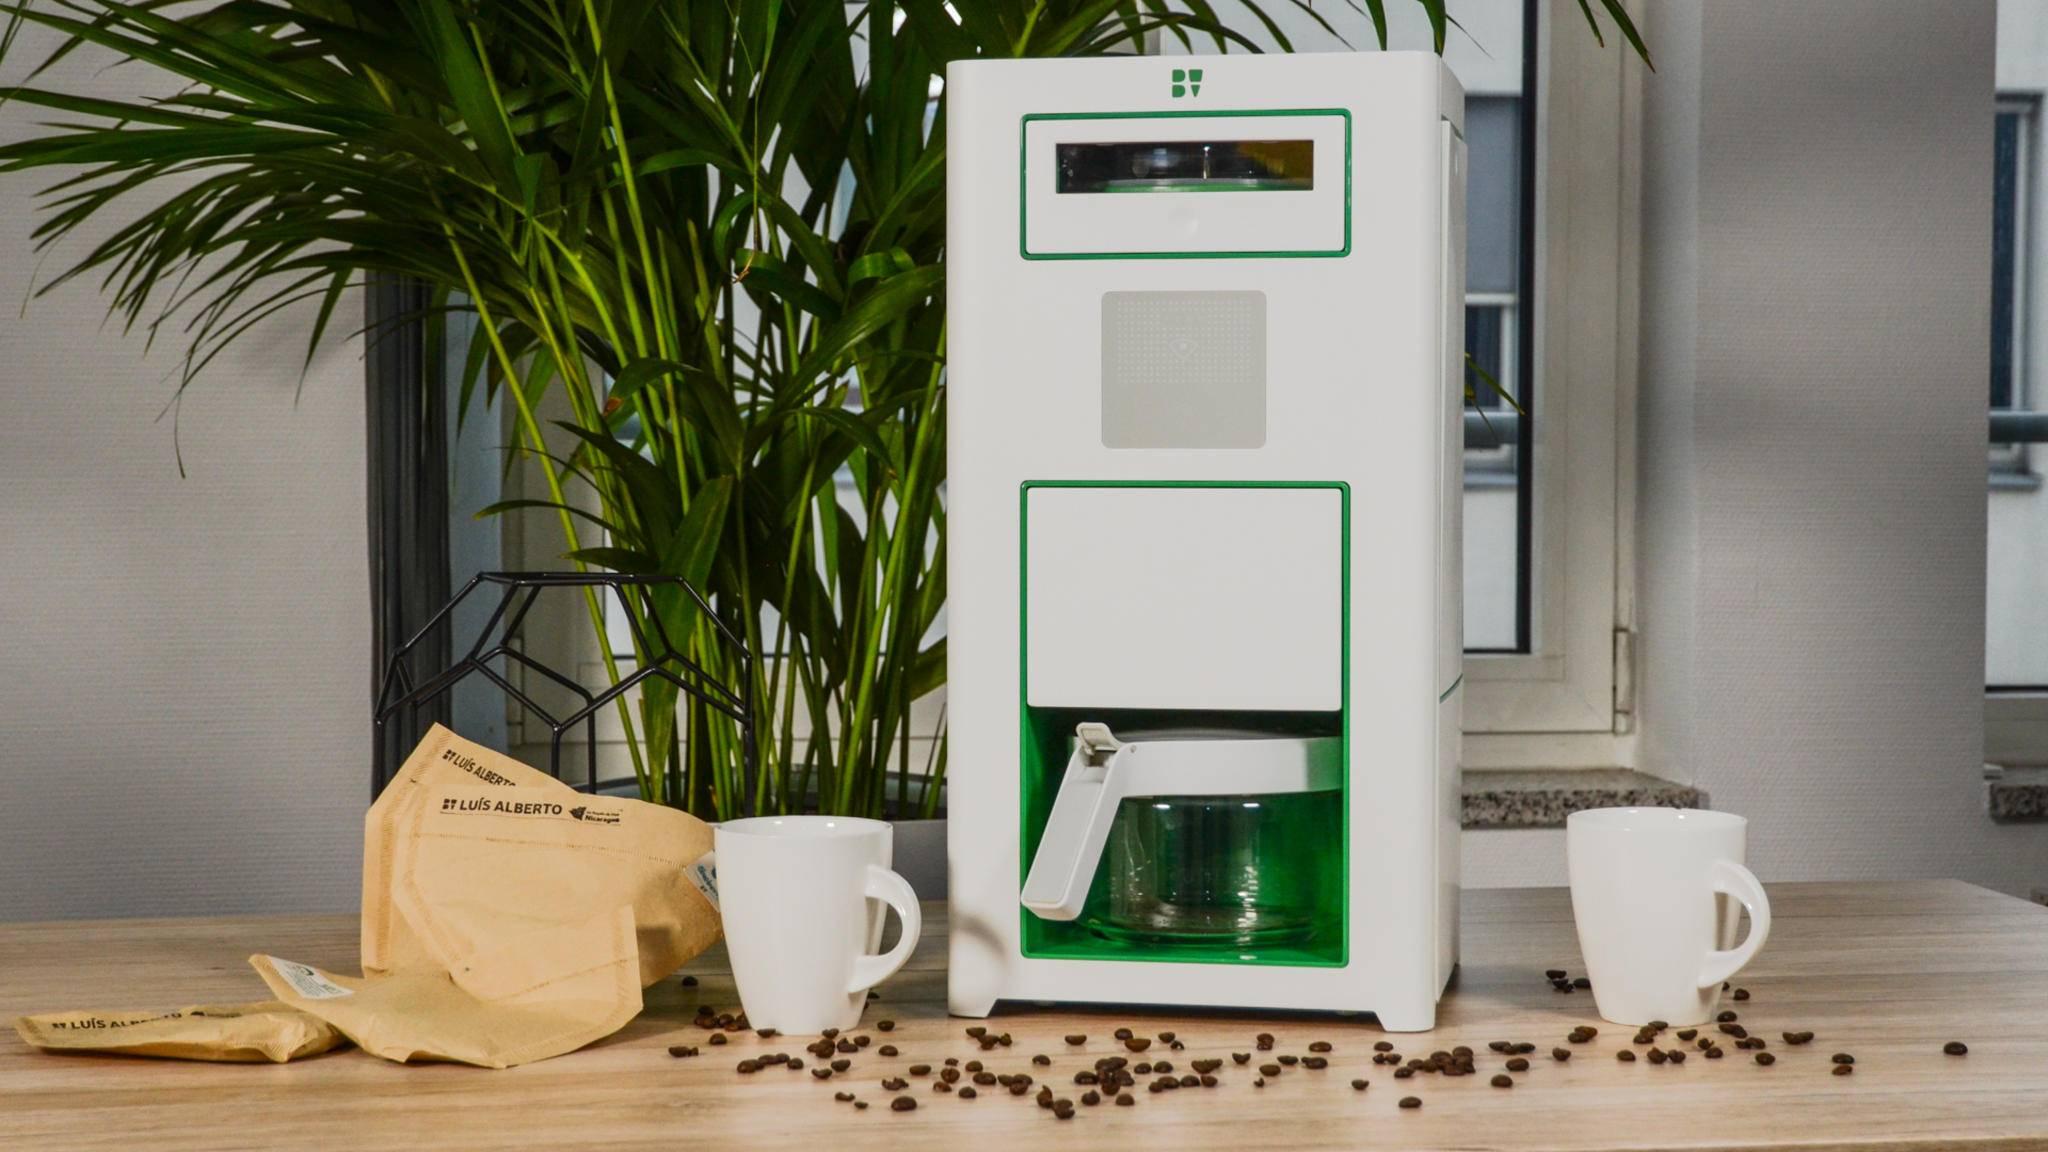 Die Bonaverde Berlin versorgte die TURN ON-Redaktion eine Woche lang mit frisch geröstetem Kaffee.